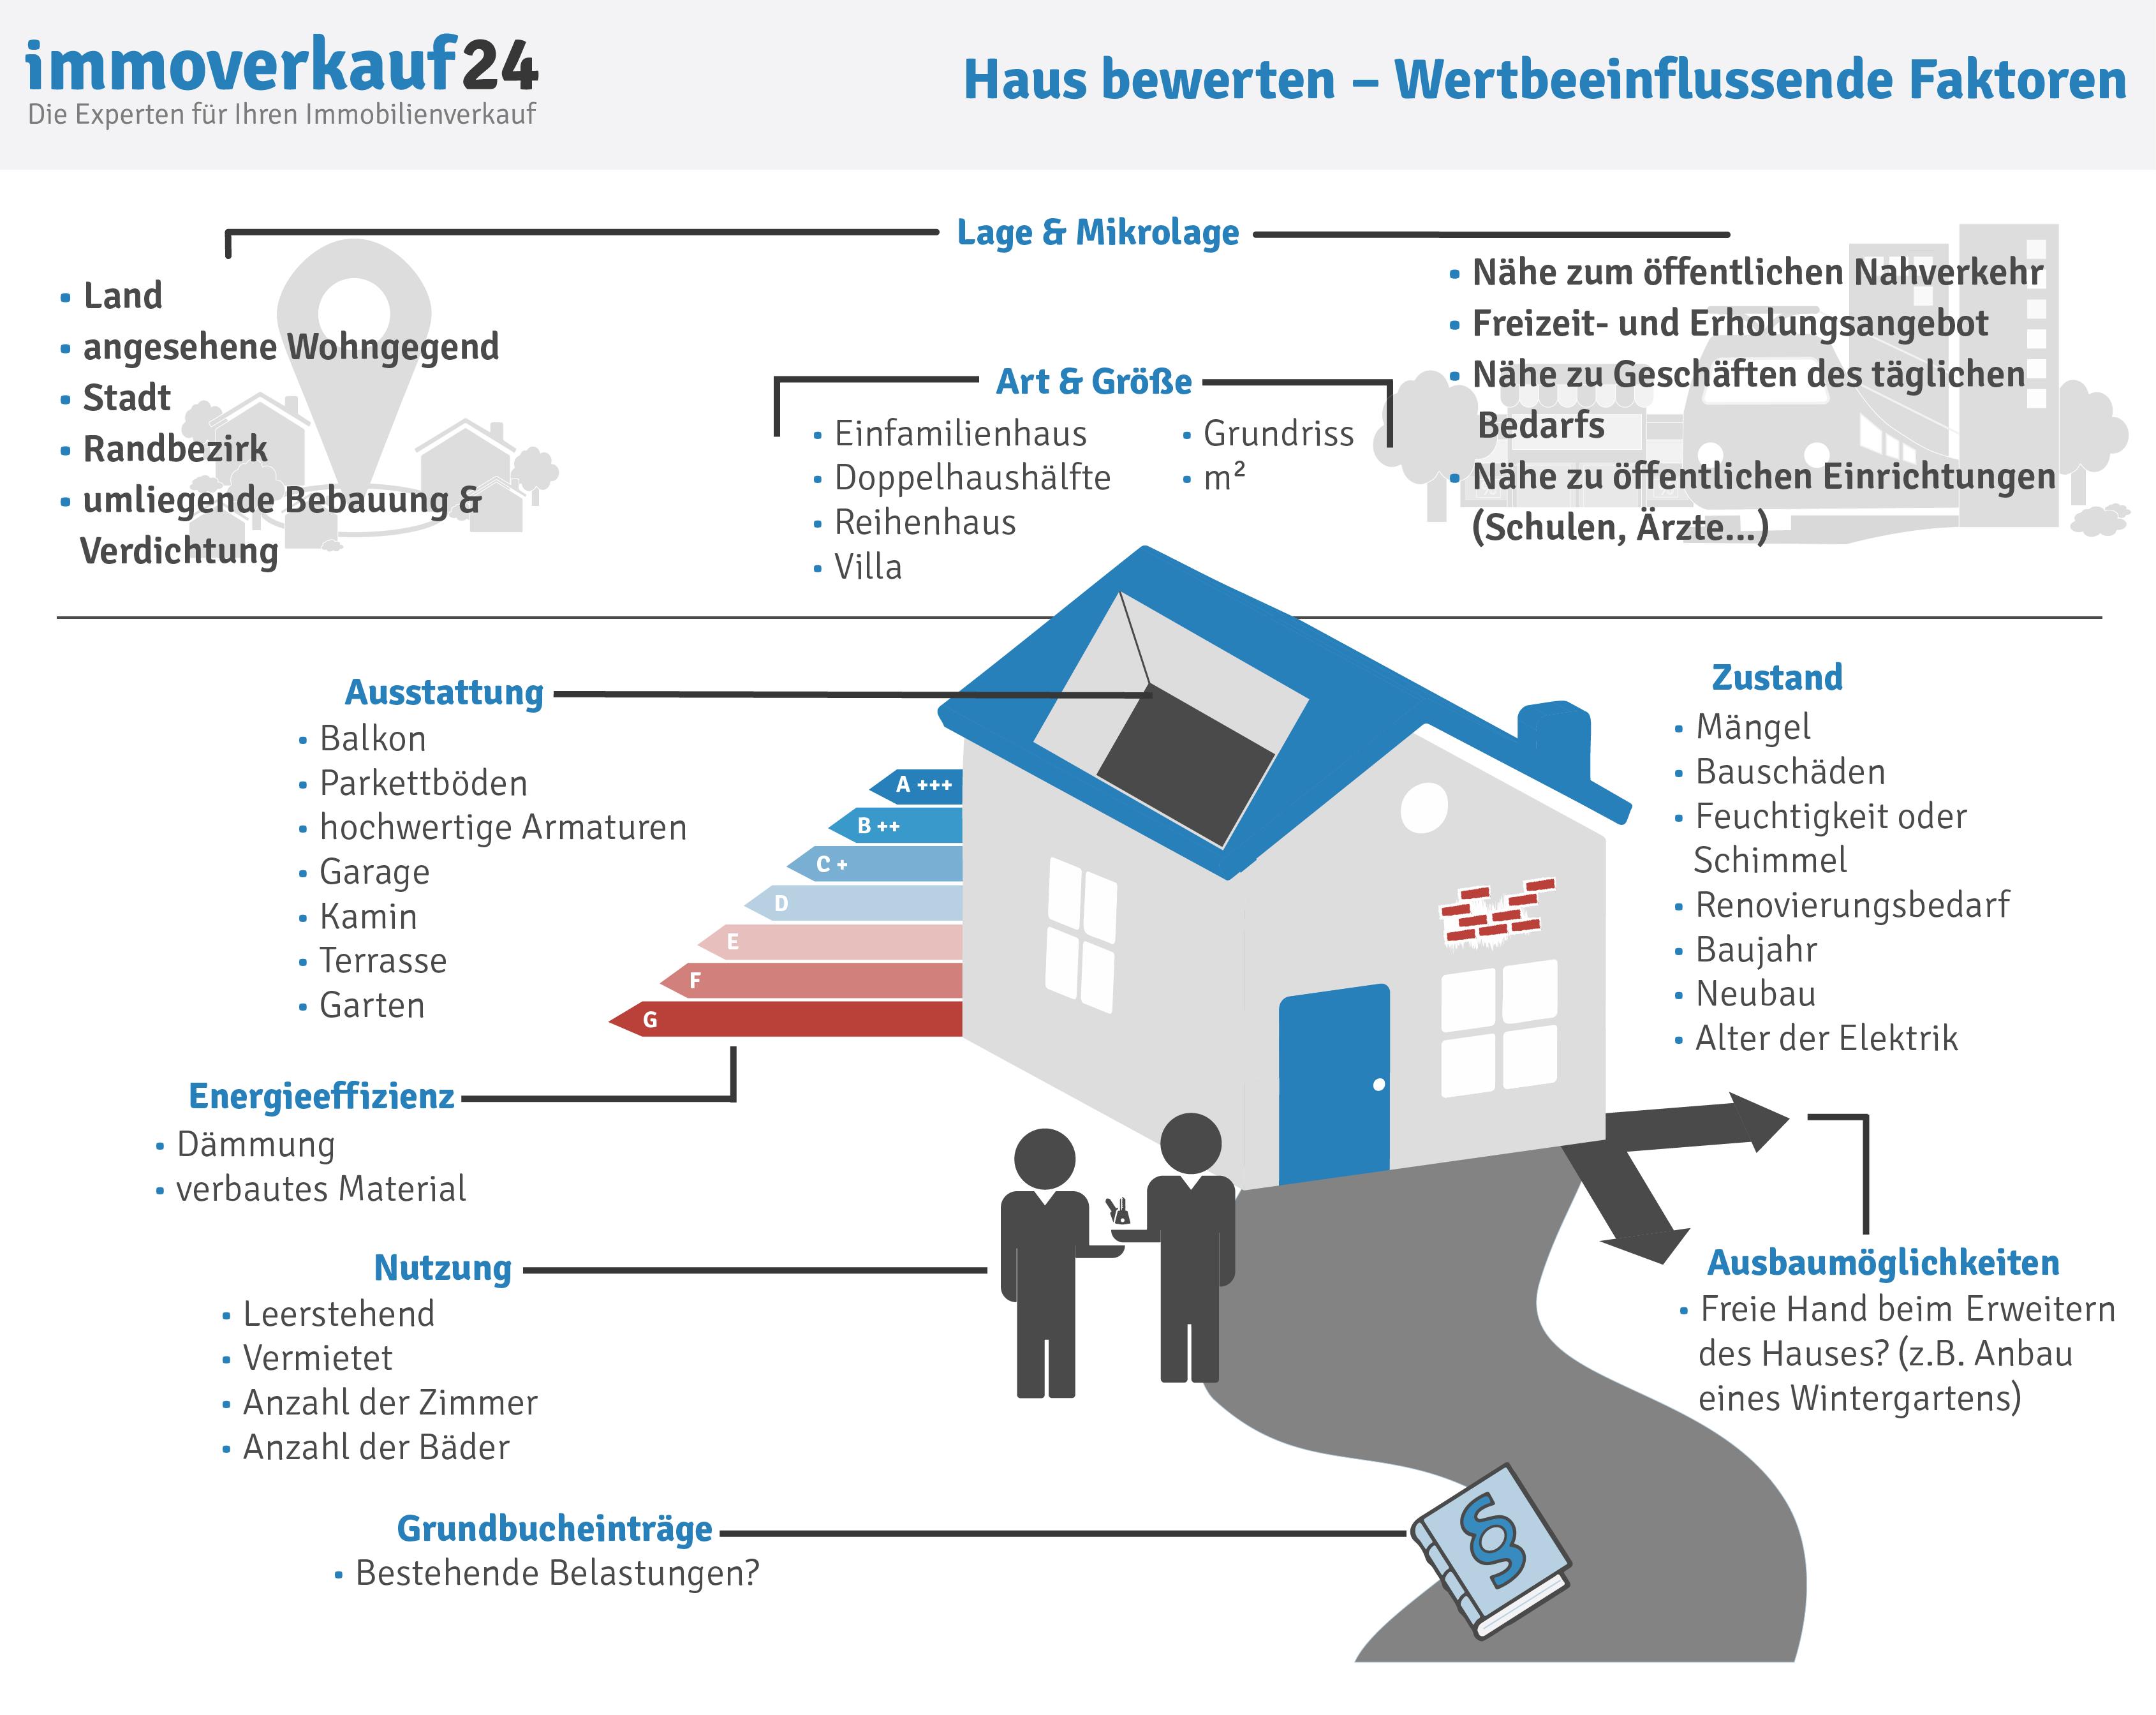 Kostenlos Haus Bewerten Online Checkliste Hausbewertung